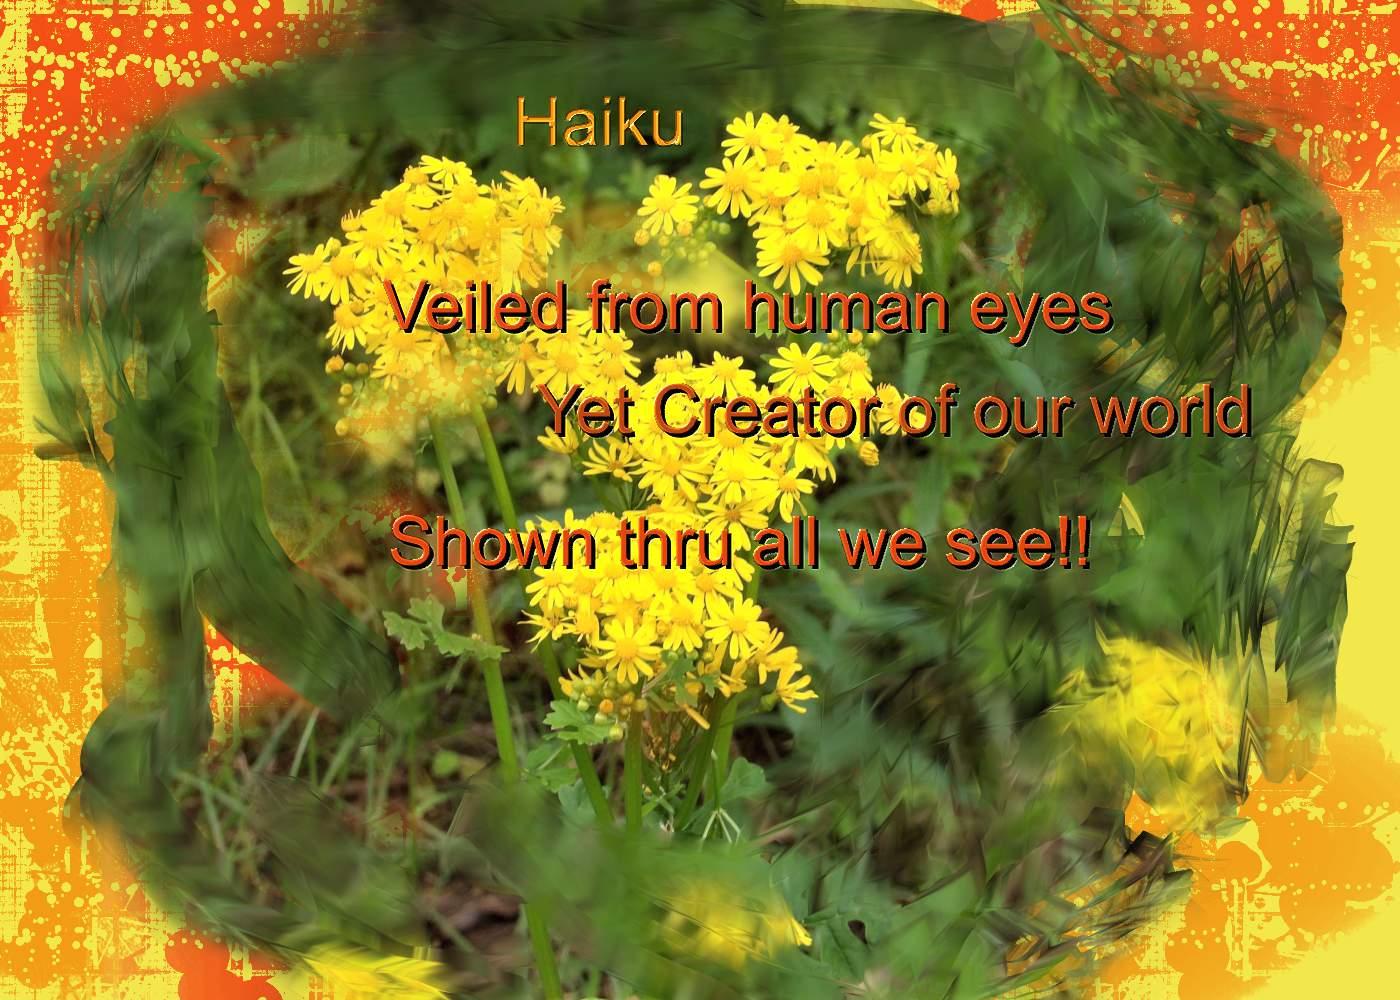 Haikufortoday